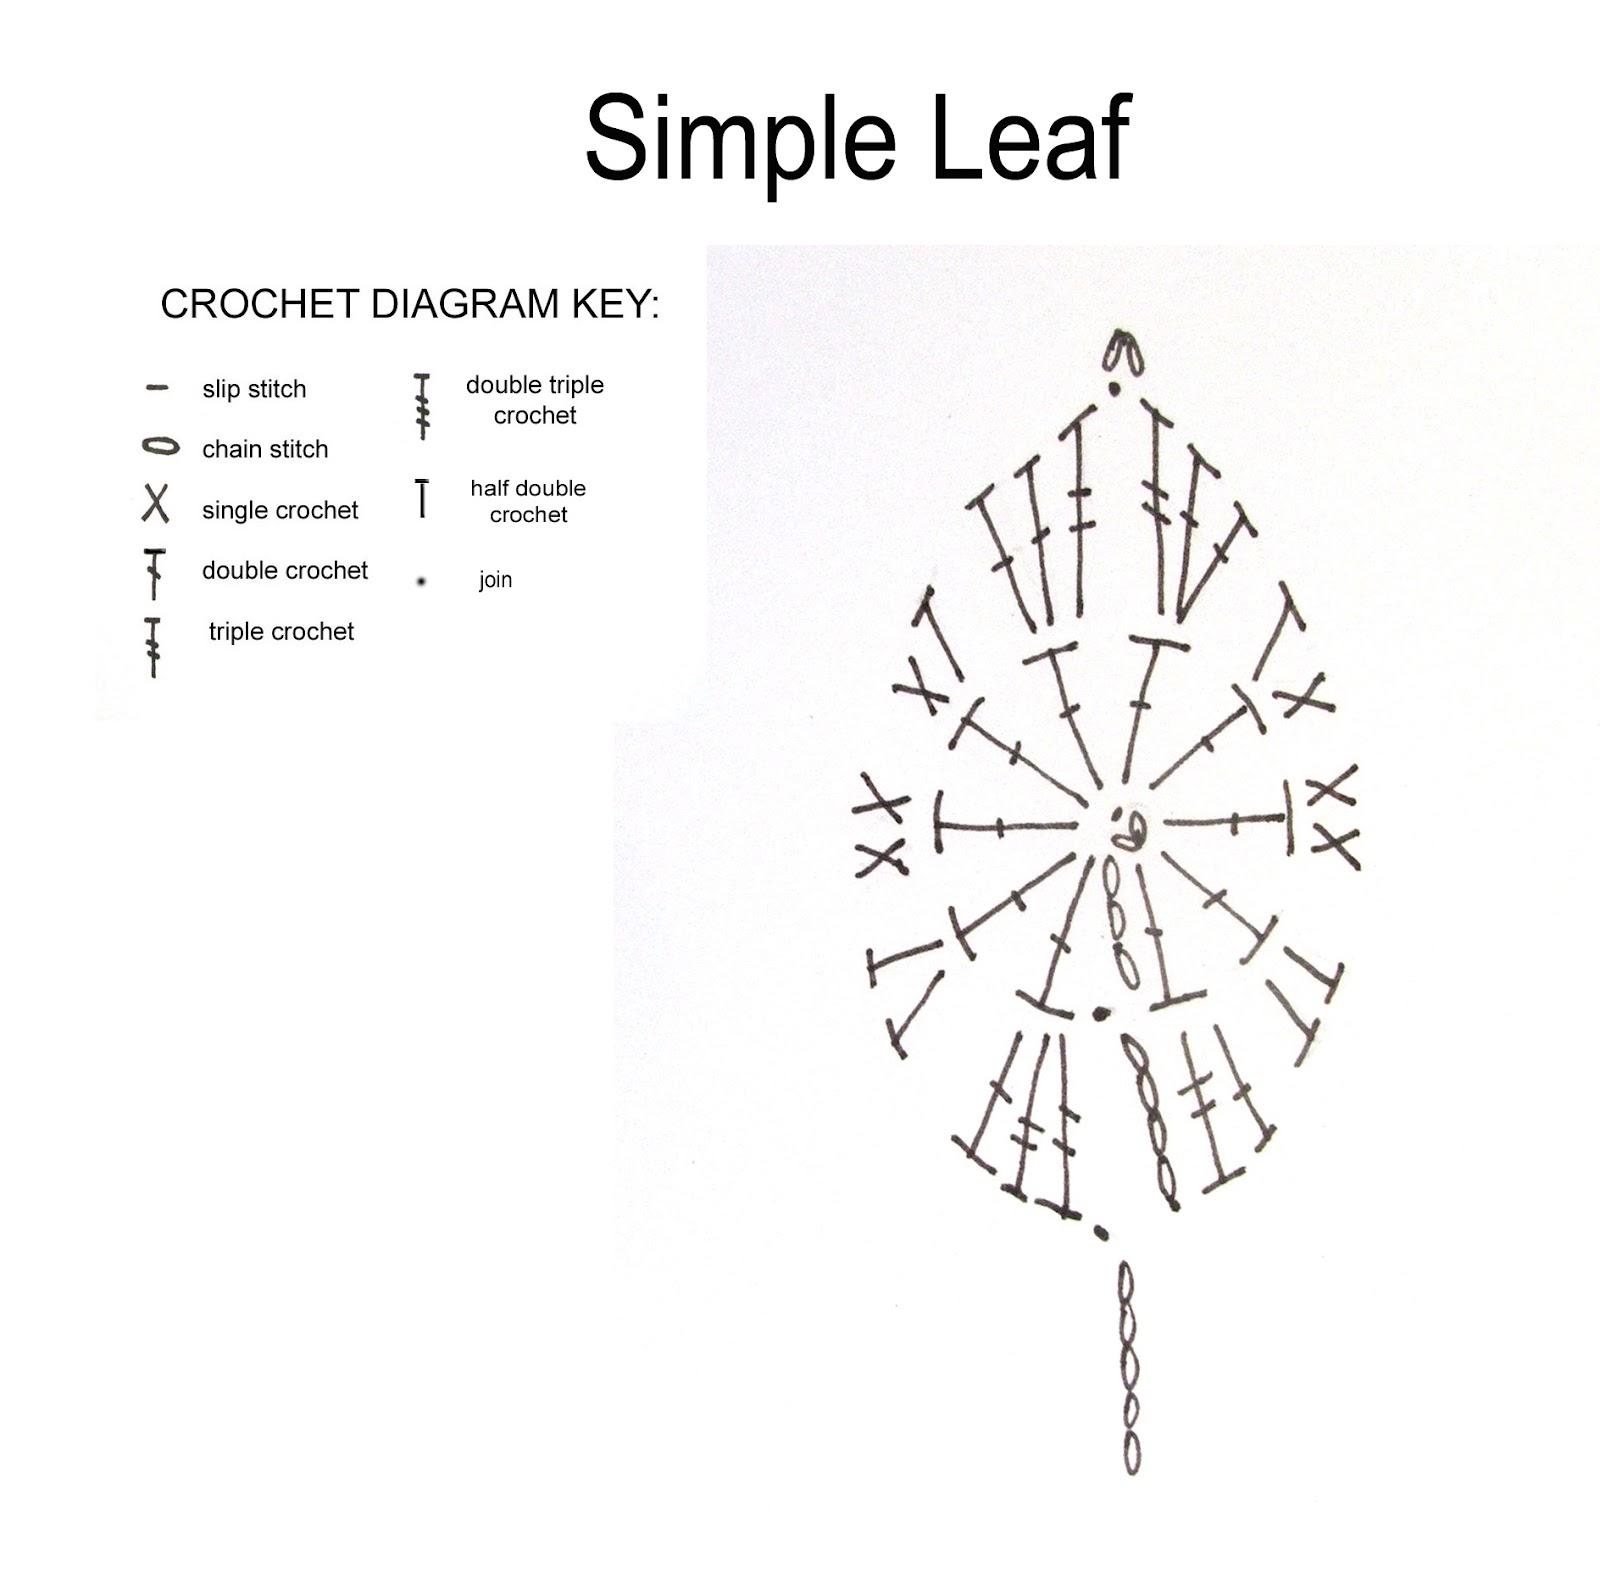 Free Leaf Crochet Pattern Diagram Wiring For 13 Pin Caravan Plug Susan 39s Hippie Simple